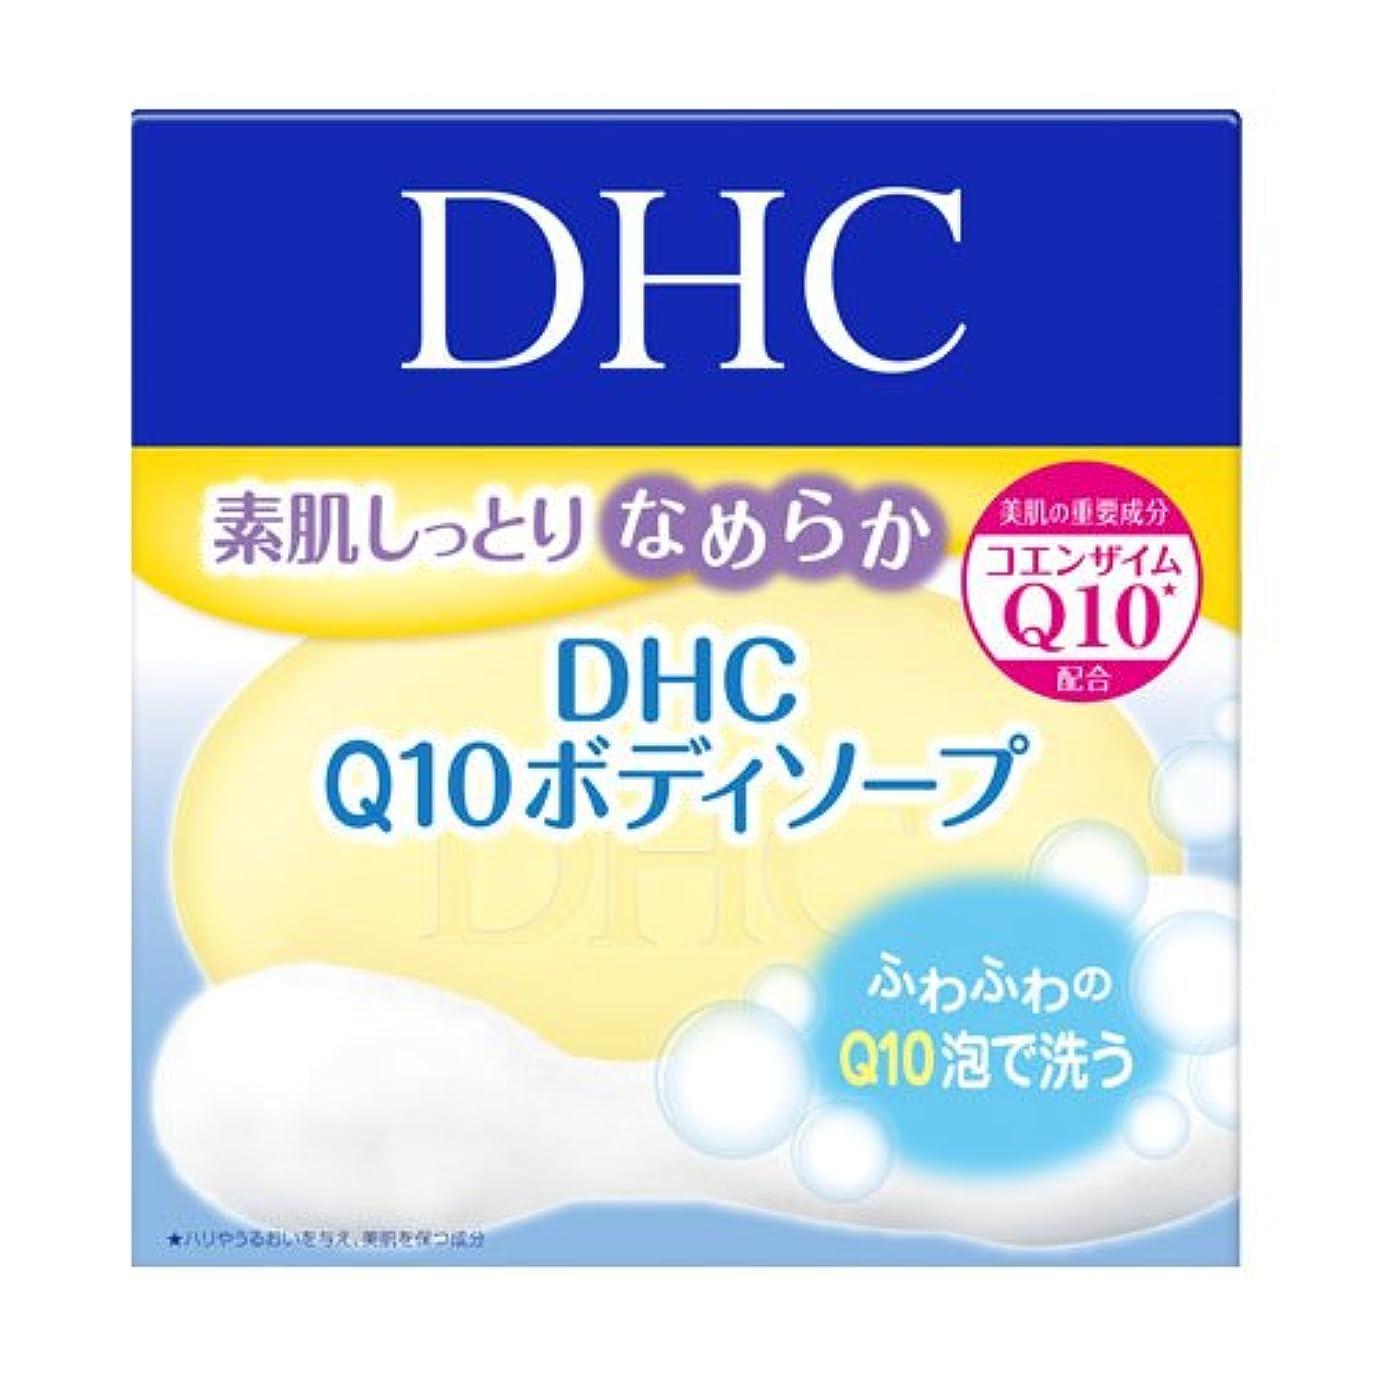 降臨表面没頭するDHC Q10ボディソープ SS 120G